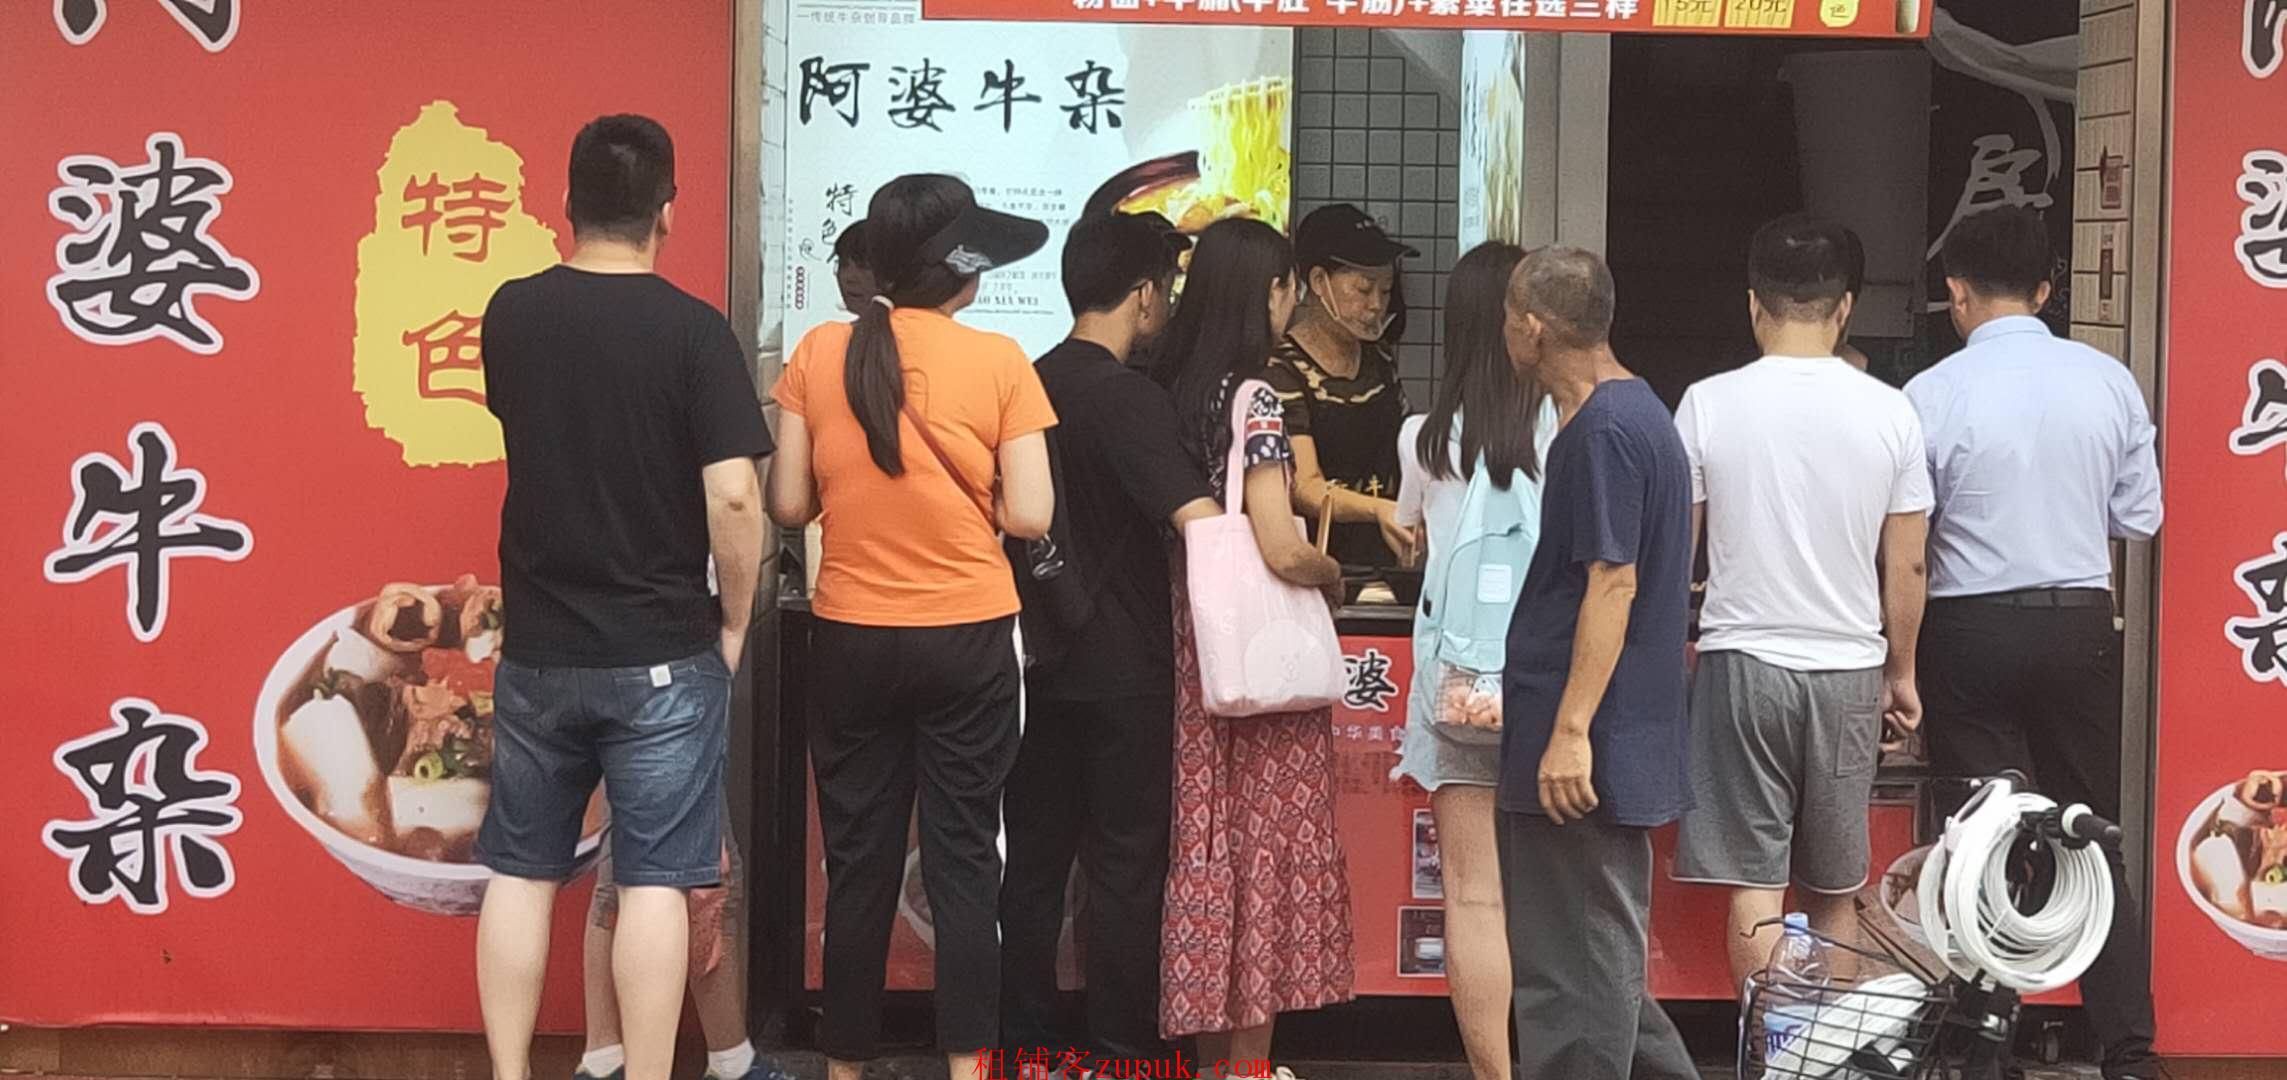 文昌南路,街1楼小吃店,可各种轻餐饮茶点心,业态不限,人超多